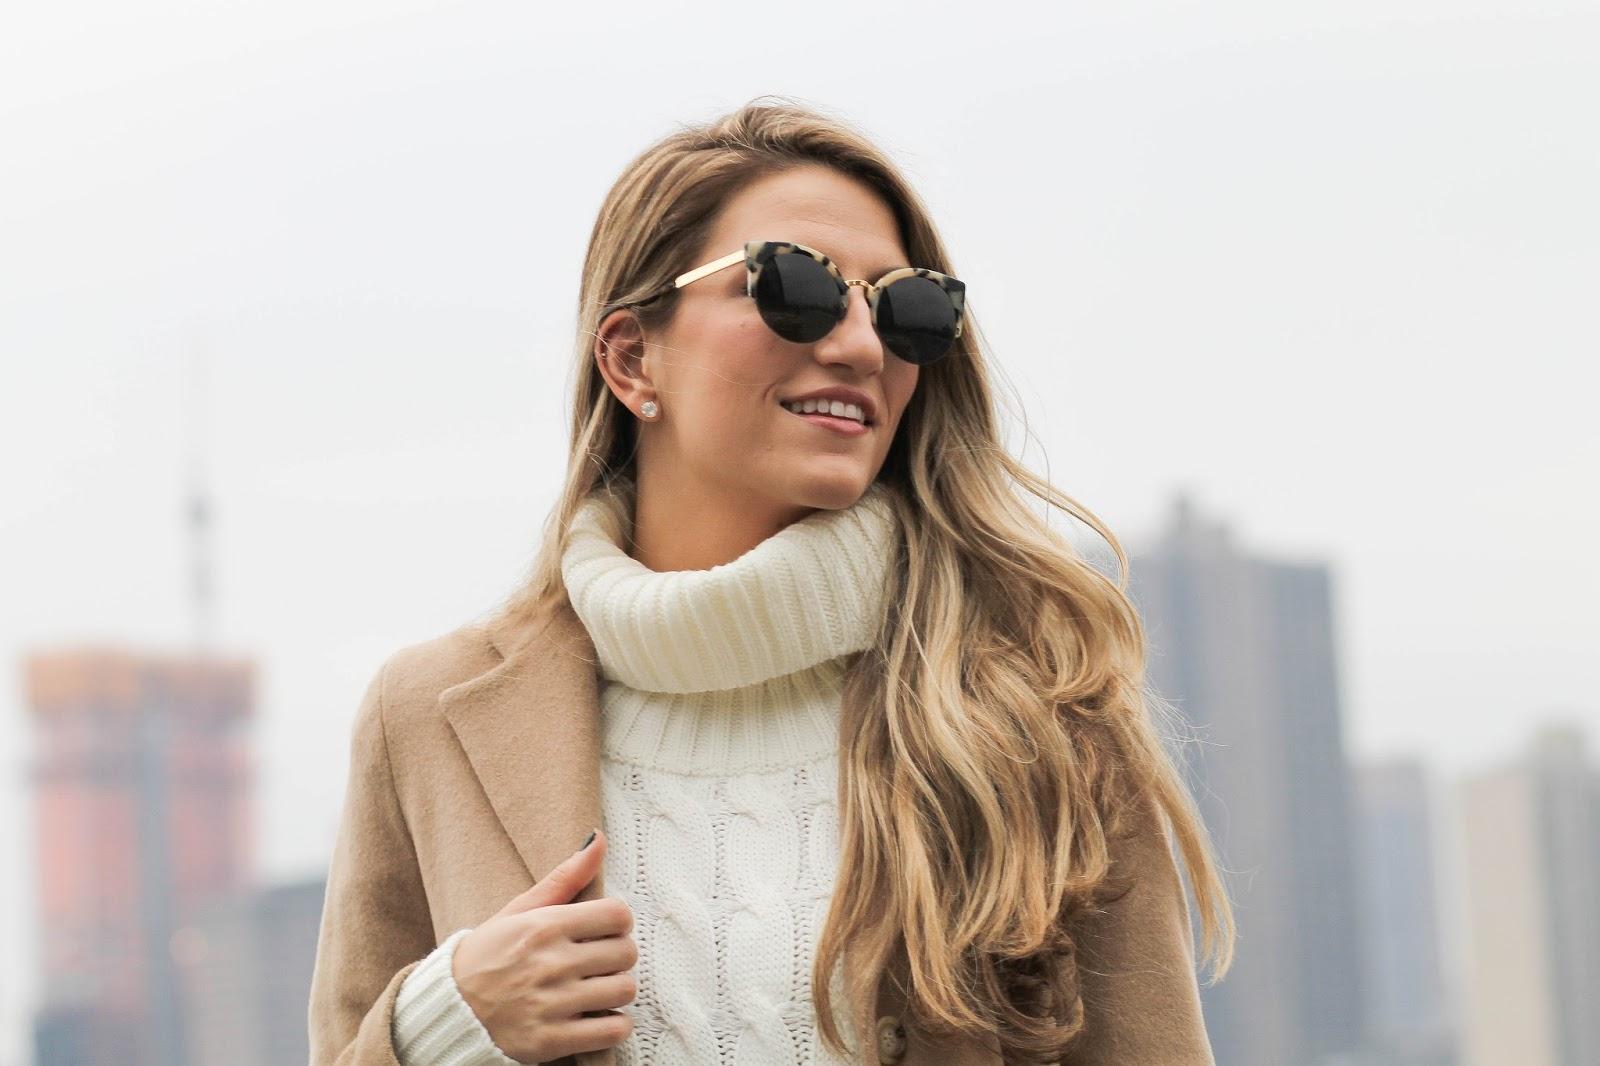 retro superfuture sunglasses, ditto sunglasses